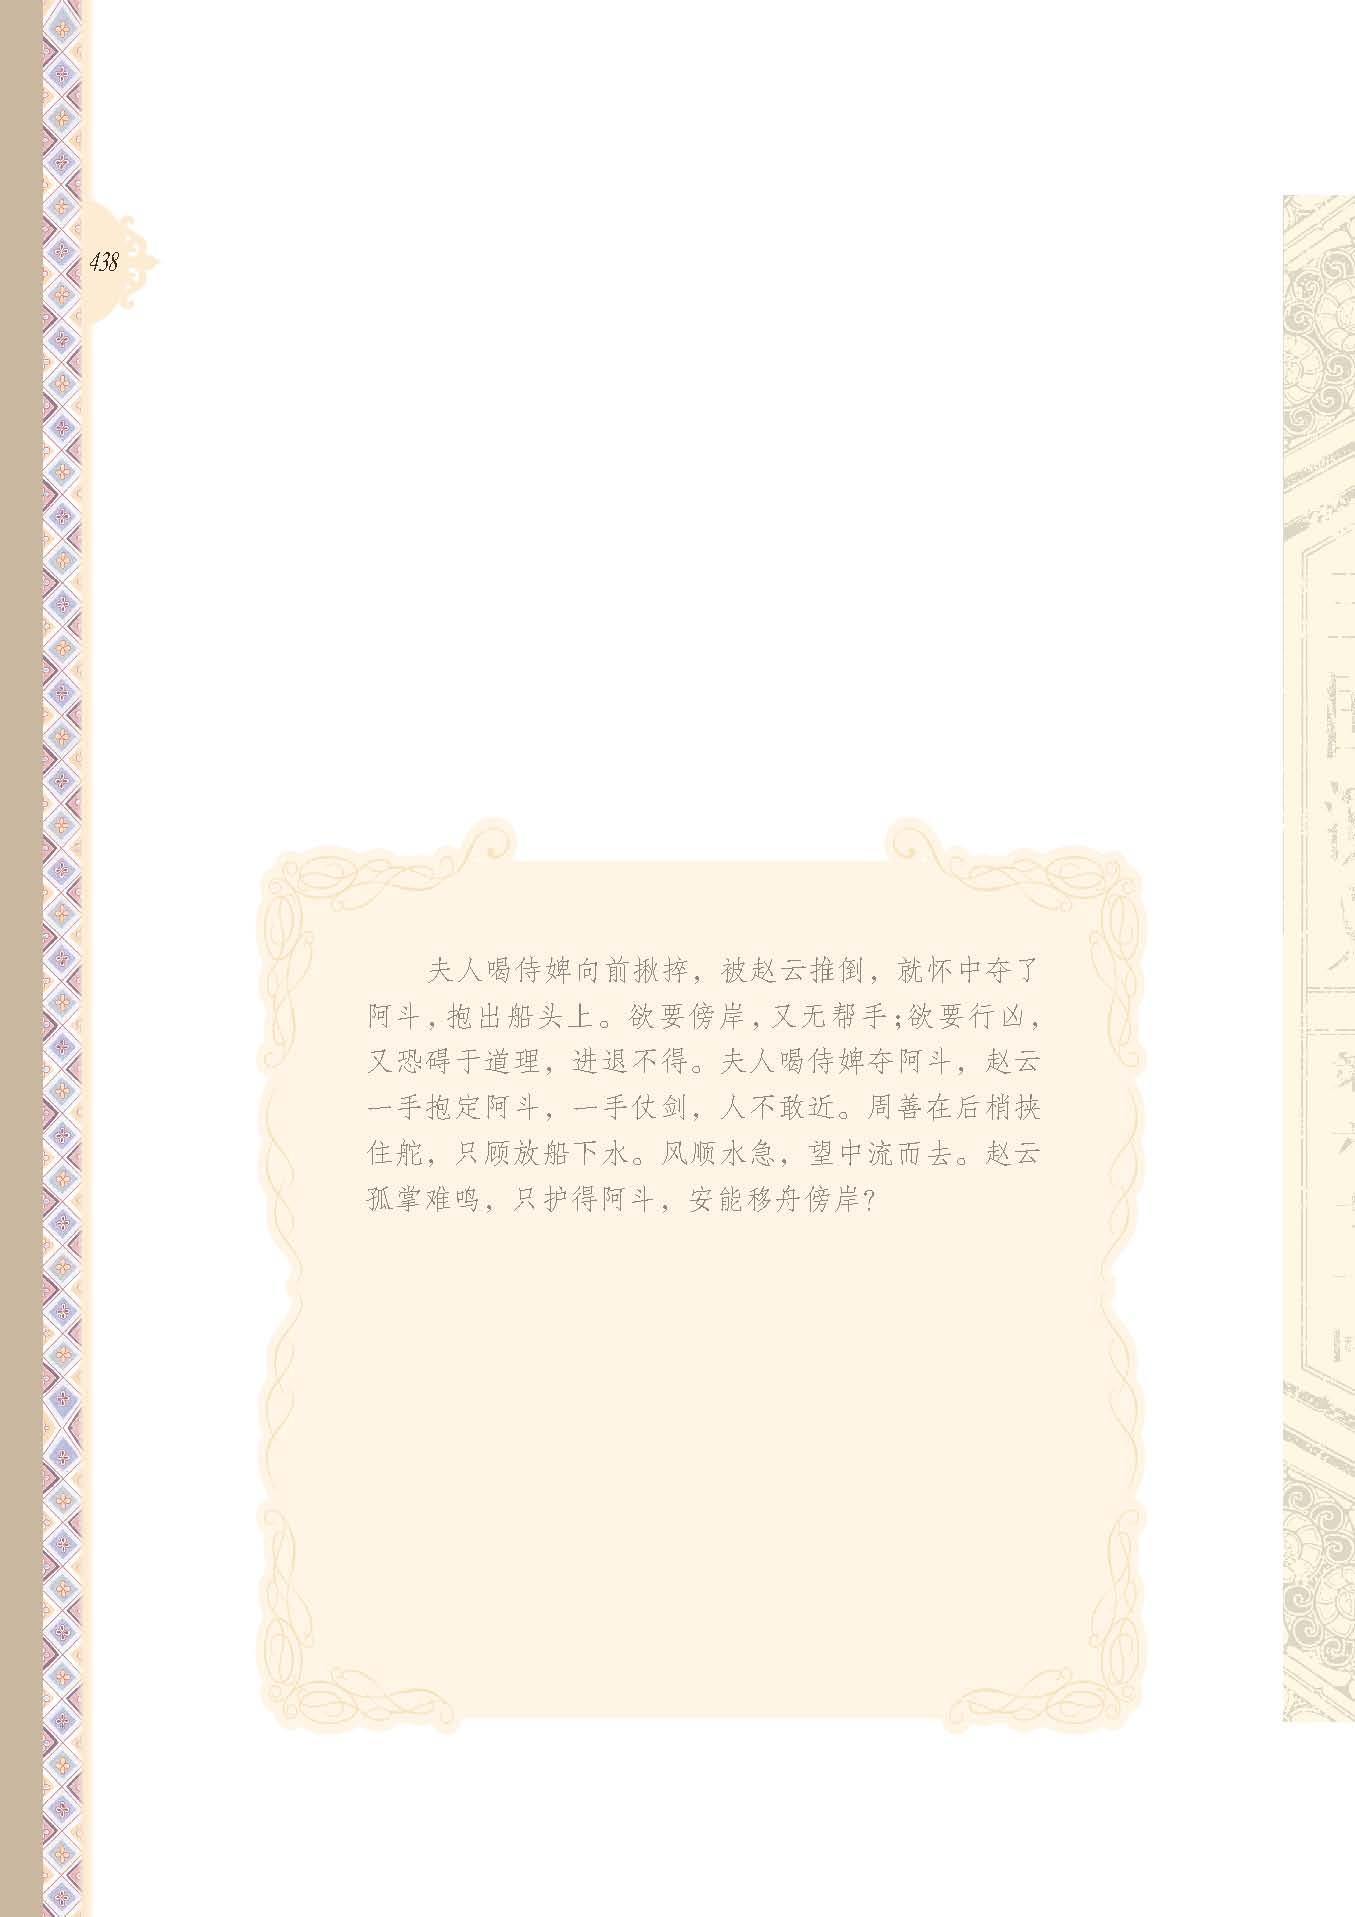 三国演义 上下册 名家手绘版无障碍读名著